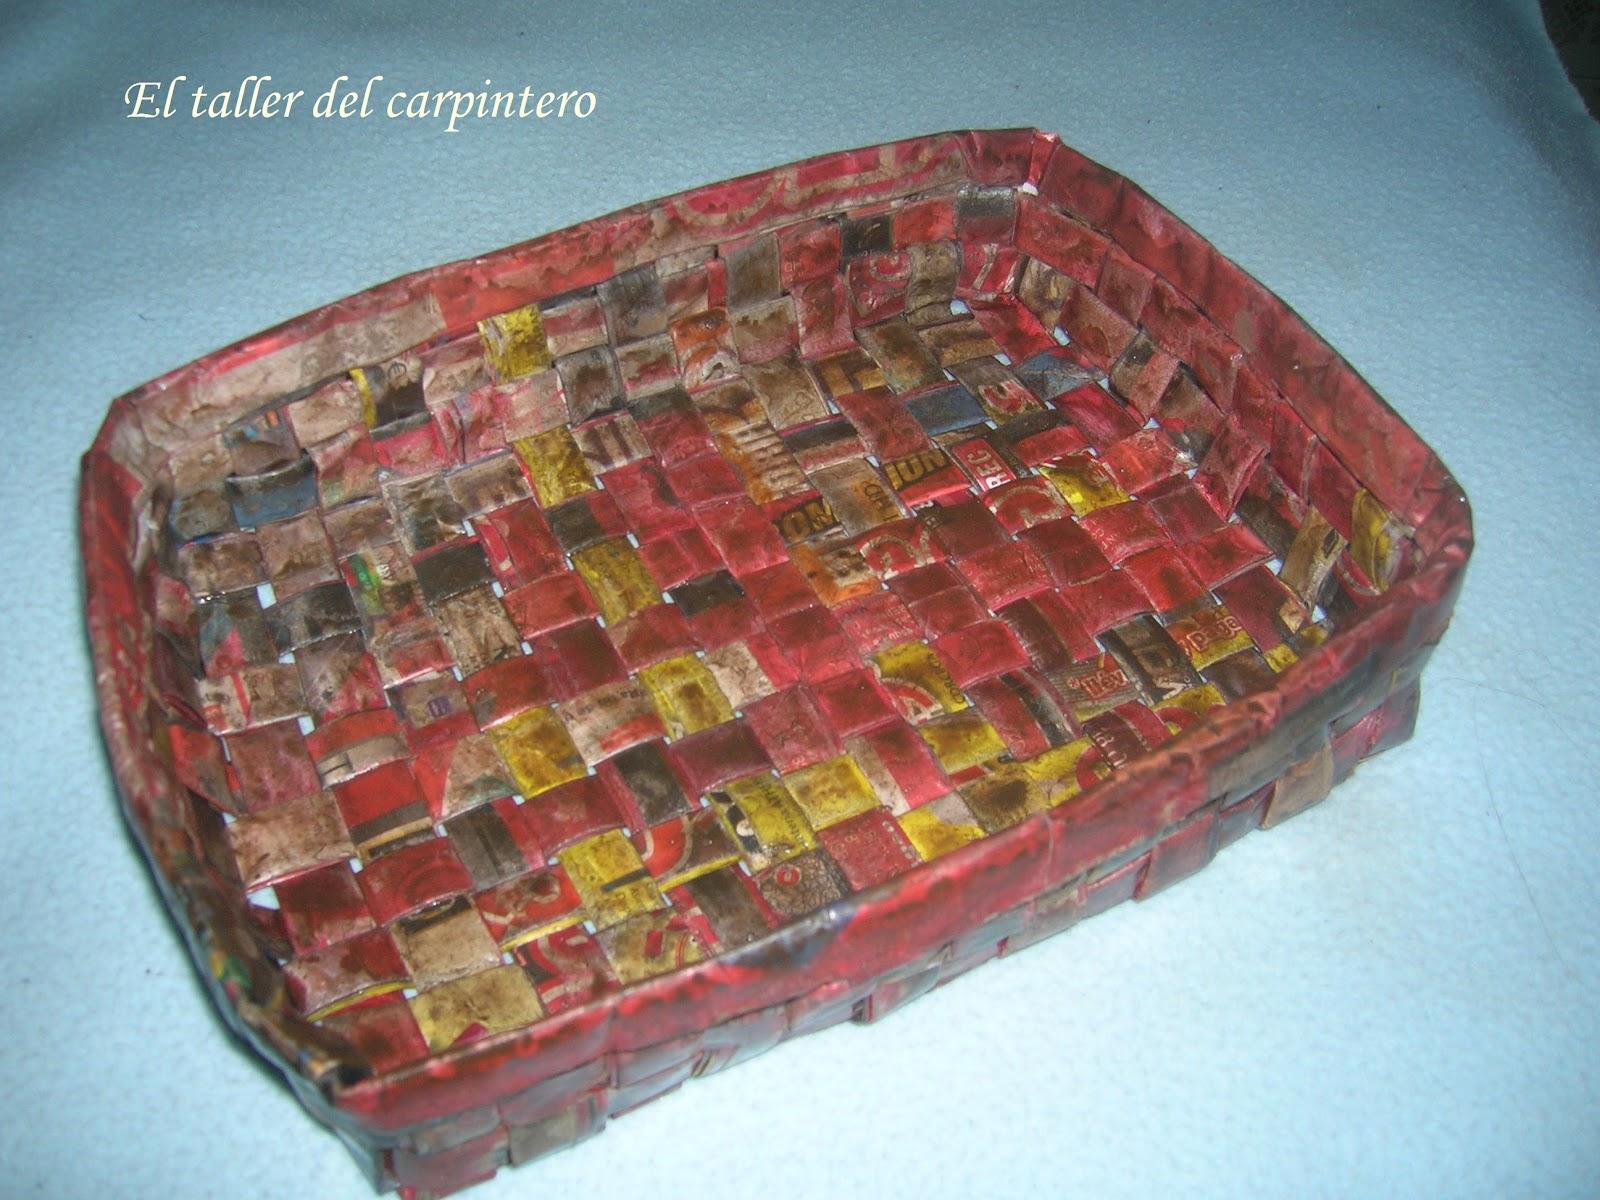 El taller del carpintero cesta de papel - Cestas de papel de periodico paso a paso ...